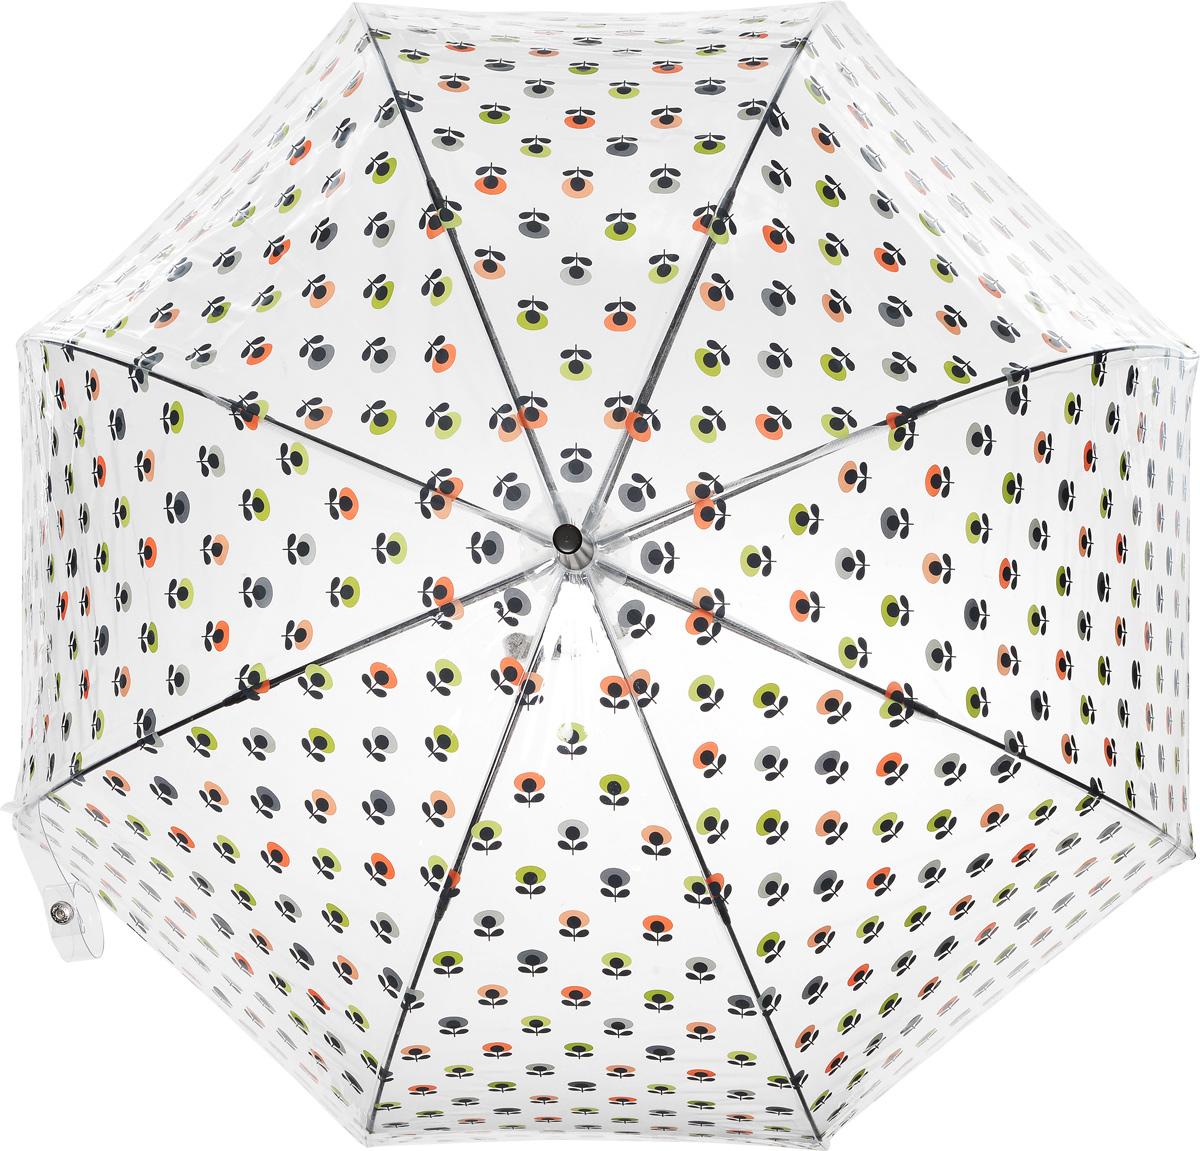 Зонт-трость женский Orla Kiely Birdcage, механический, цвет: прозрачный, мультиколор. L746-3201L746-3201 MiniMultiFlowerOvalНеобычный механический зонт-трость Orla Kiely Birdcage даже в ненастную погоду позволит вам оставаться модной и элегантной. Каркас зонта включает 8 спиц из фибергласса с пластиковыми наконечниками. Стержень изготовлен из стали. Купол зонта выполнен из высококачественного прозрачного ПВХ и оформлен принтом в виде цветочков. Изделие дополнено удобной пластиковой рукояткой, стилизованной под дерево. Зонт механического сложения: купол открывается и закрывается вручную до характерного щелчка. Модель дополнительно застегивается с помощью хлястика на кнопку. Такой зонт не только надежно защитит вас от дождя, но и станет стильным аксессуаром, который идеально подчеркнет ваш неповторимый образ.